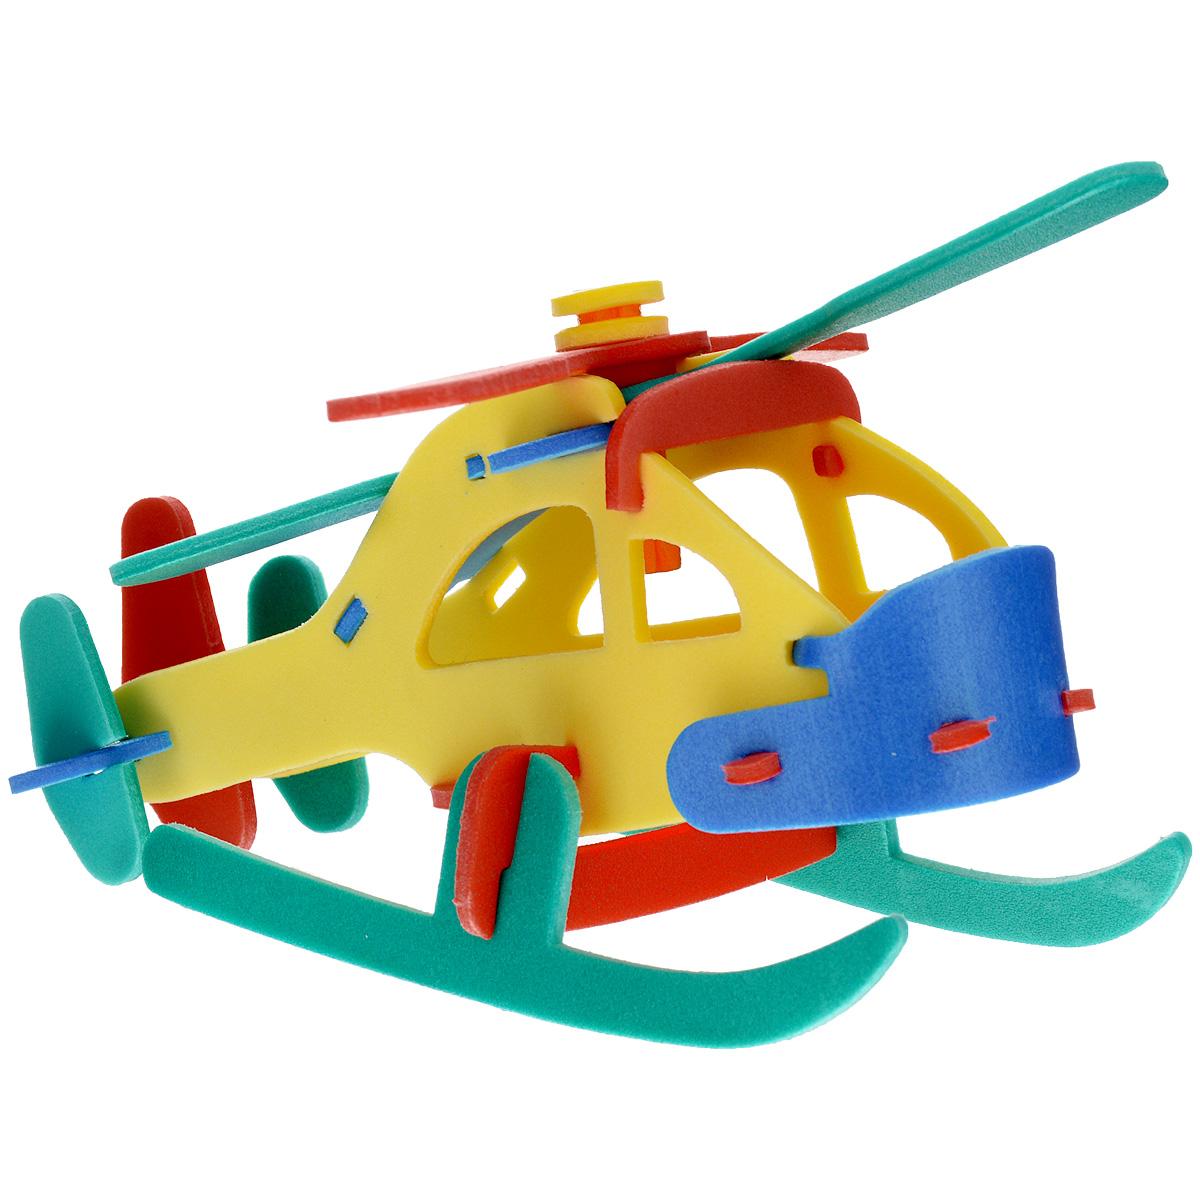 Флексика Мягкий конструктор Пассажирский вертолет флексика пазл для малышей геометрия цвет основы красный